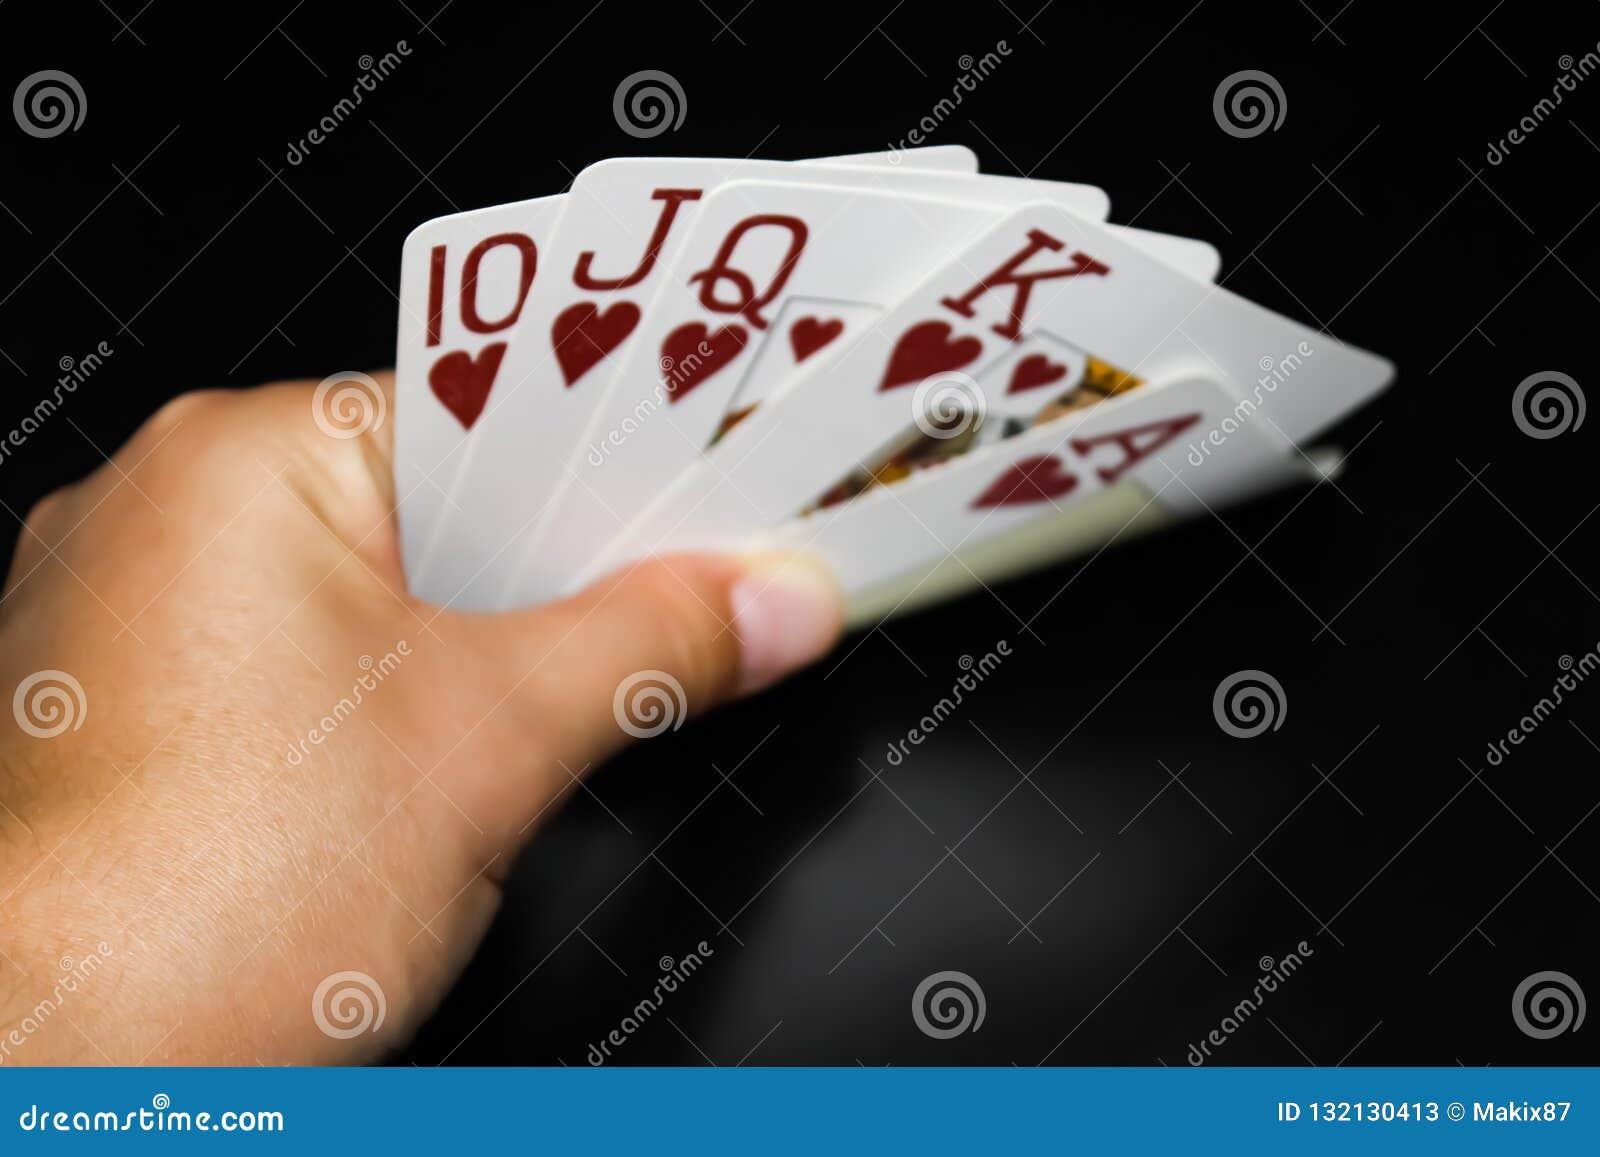 La main tient des cartes sur le fond noir